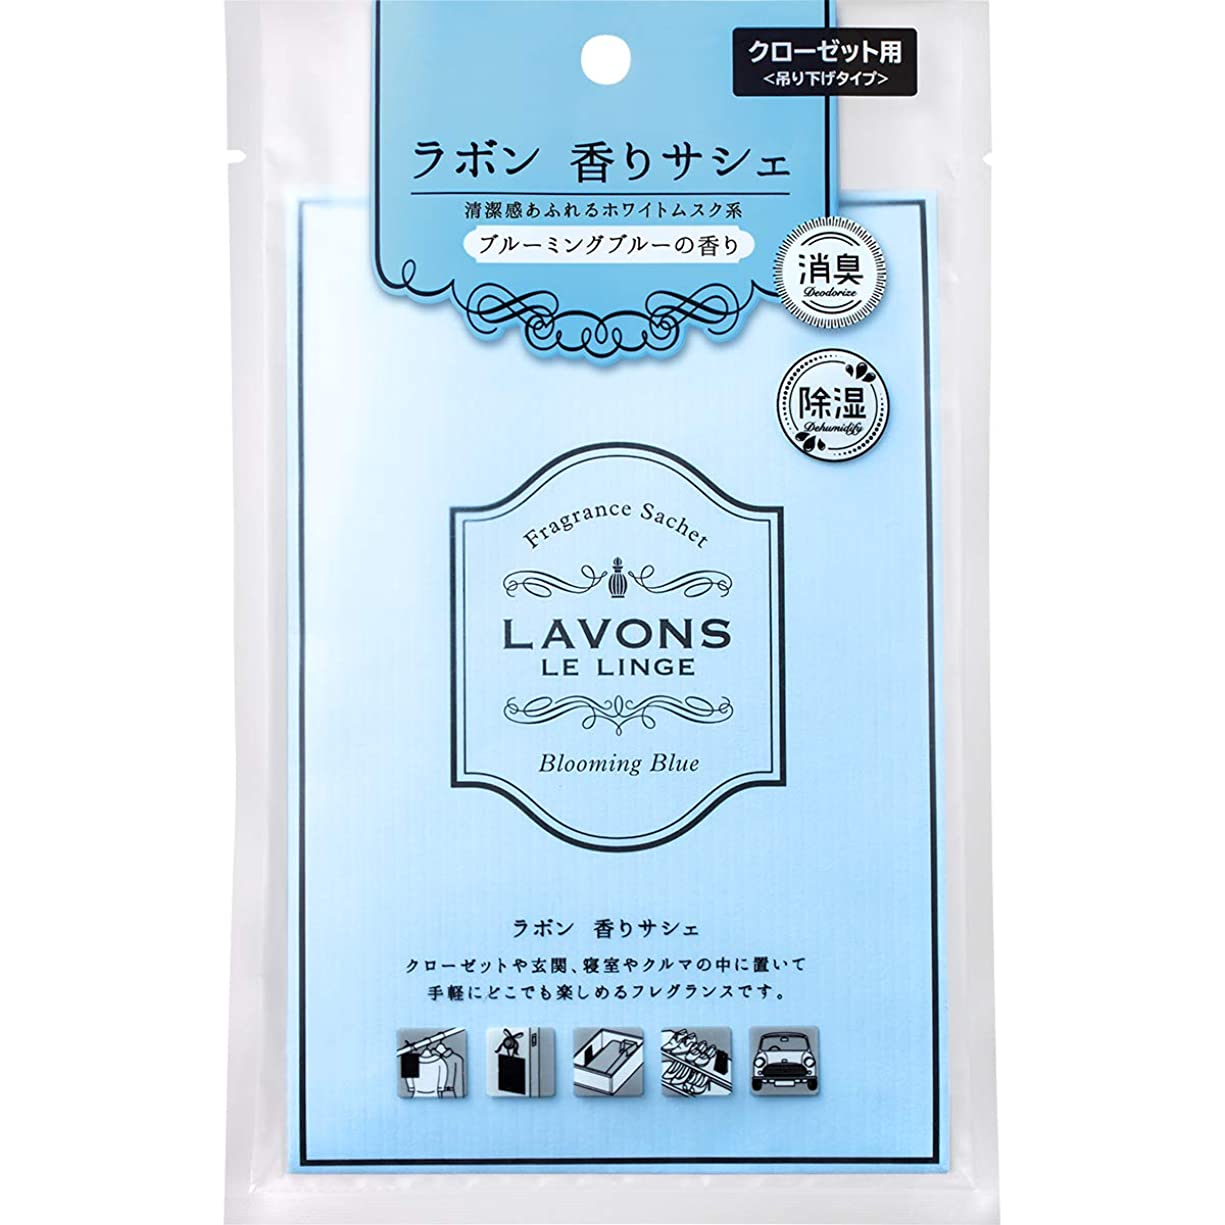 レギュラー苦しむネックレットラボン 香りサシェ (香り袋) ブルーミングブルー 20g